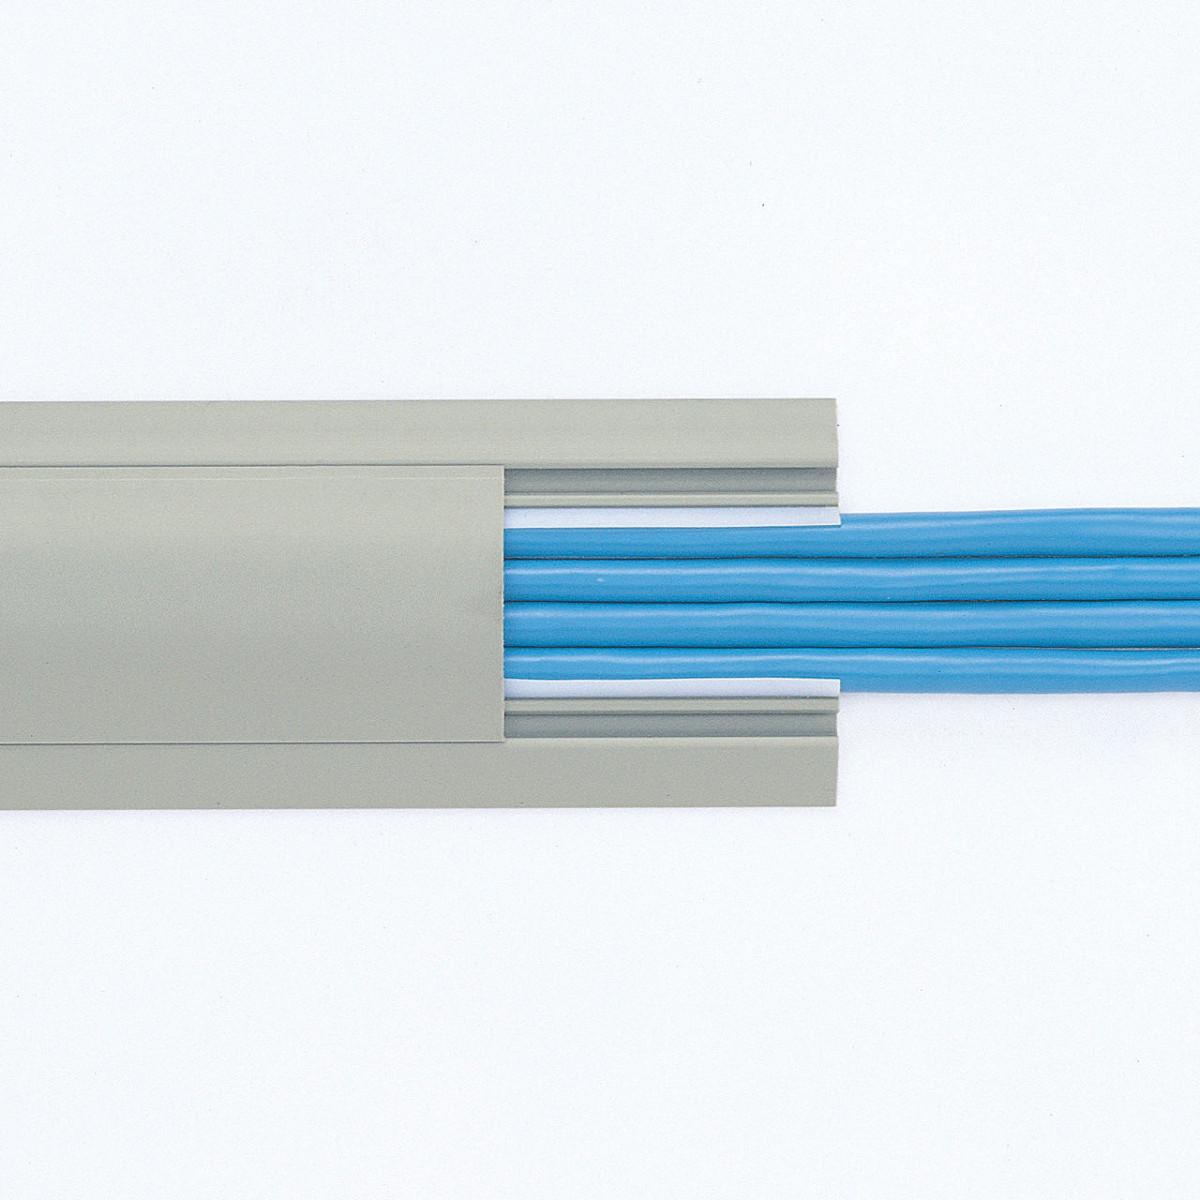 [CA-R50GY2] 【代引き不可】ケーブルカバー(グレー)W50xD2000mm